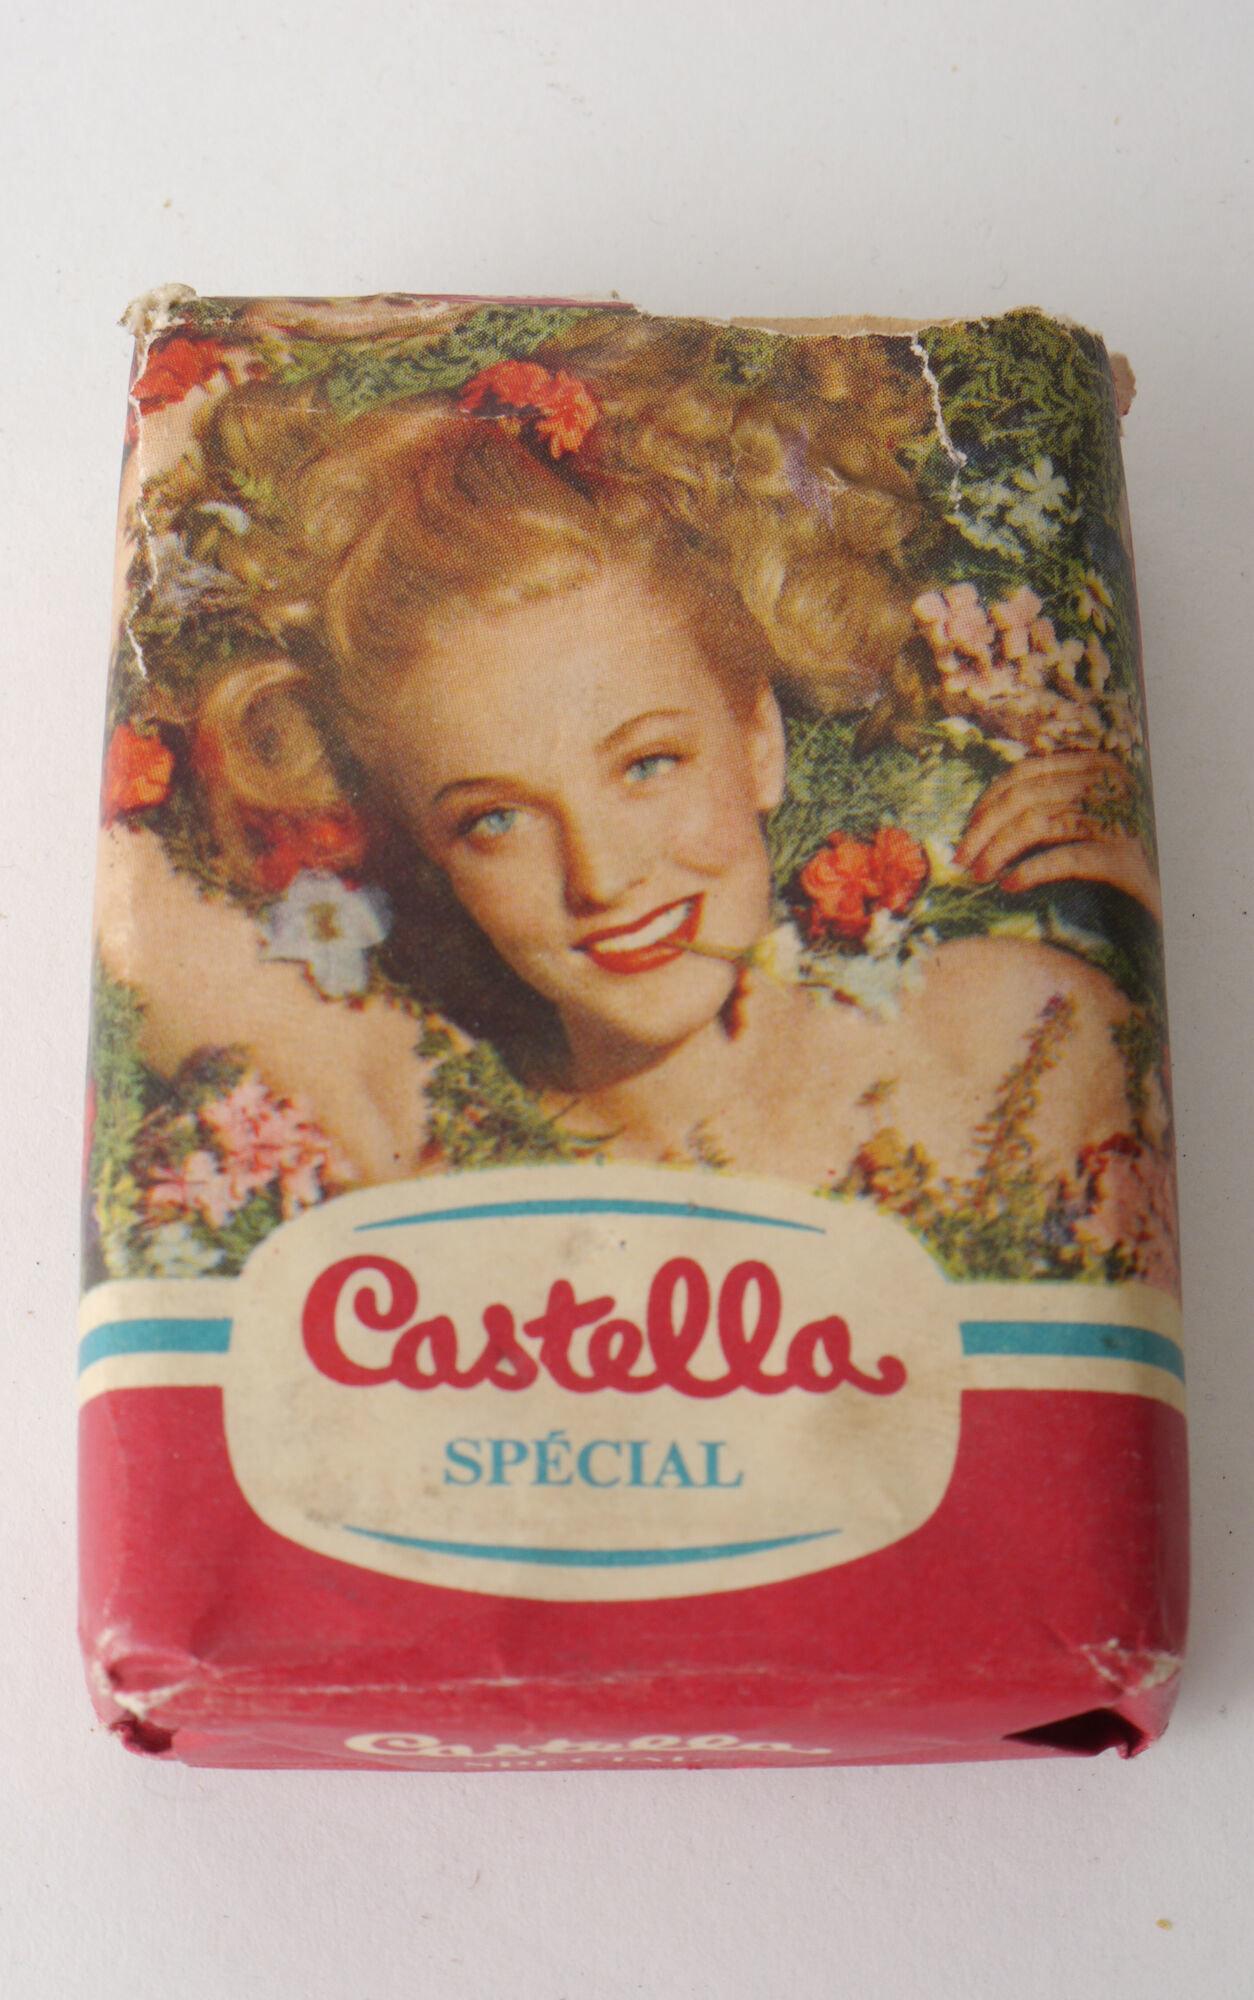 Toiletzeep van het merk Castella